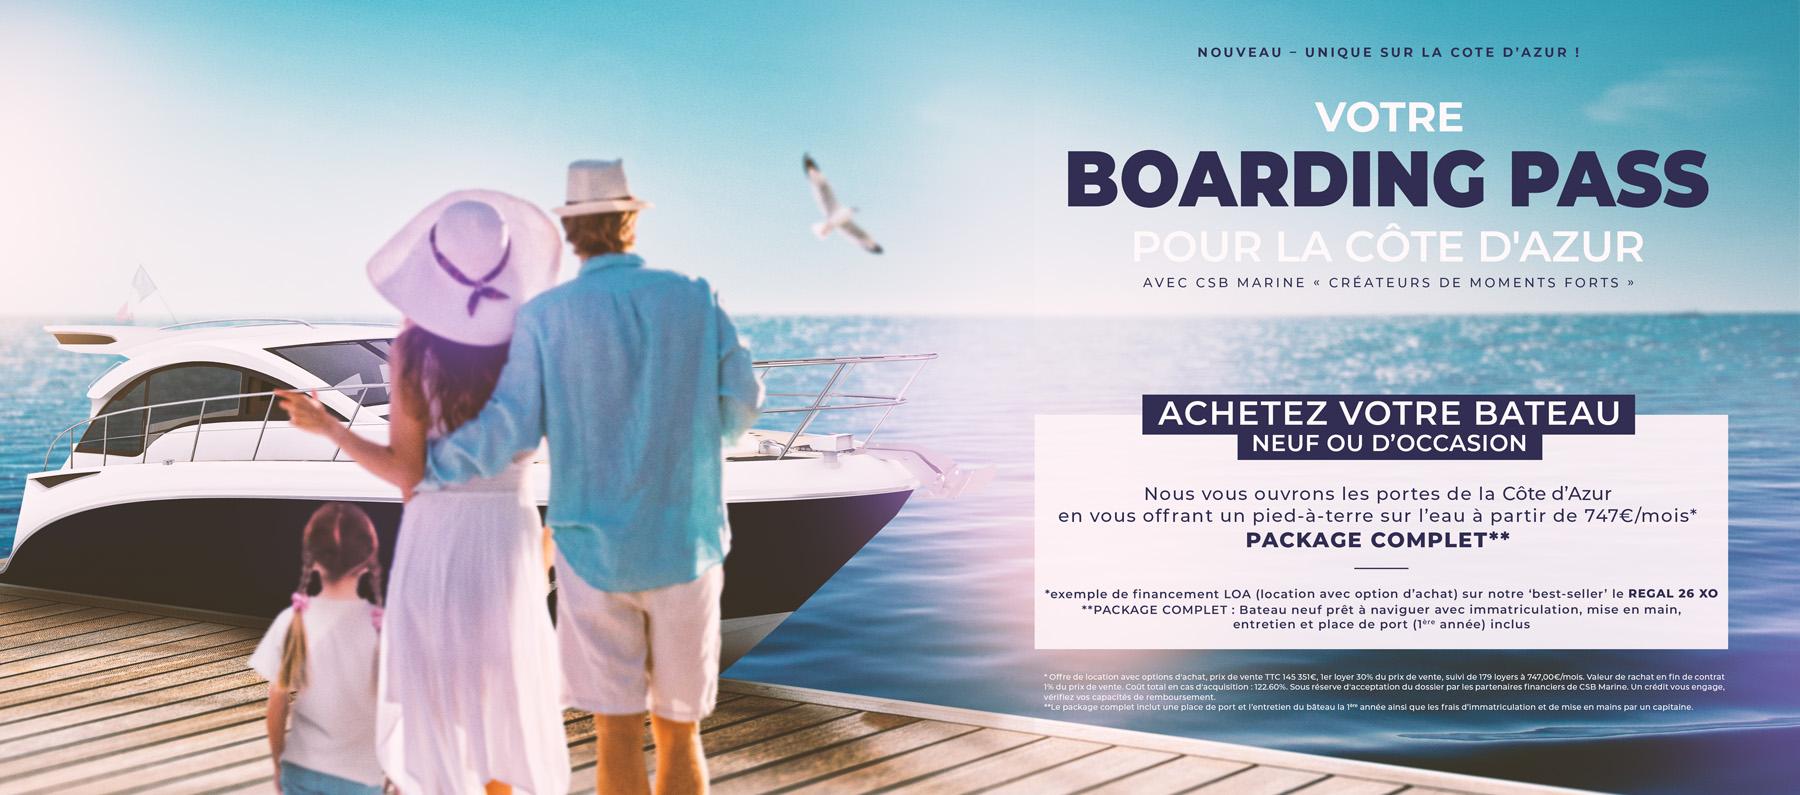 Boarding Pass LOA Regal 26 XO